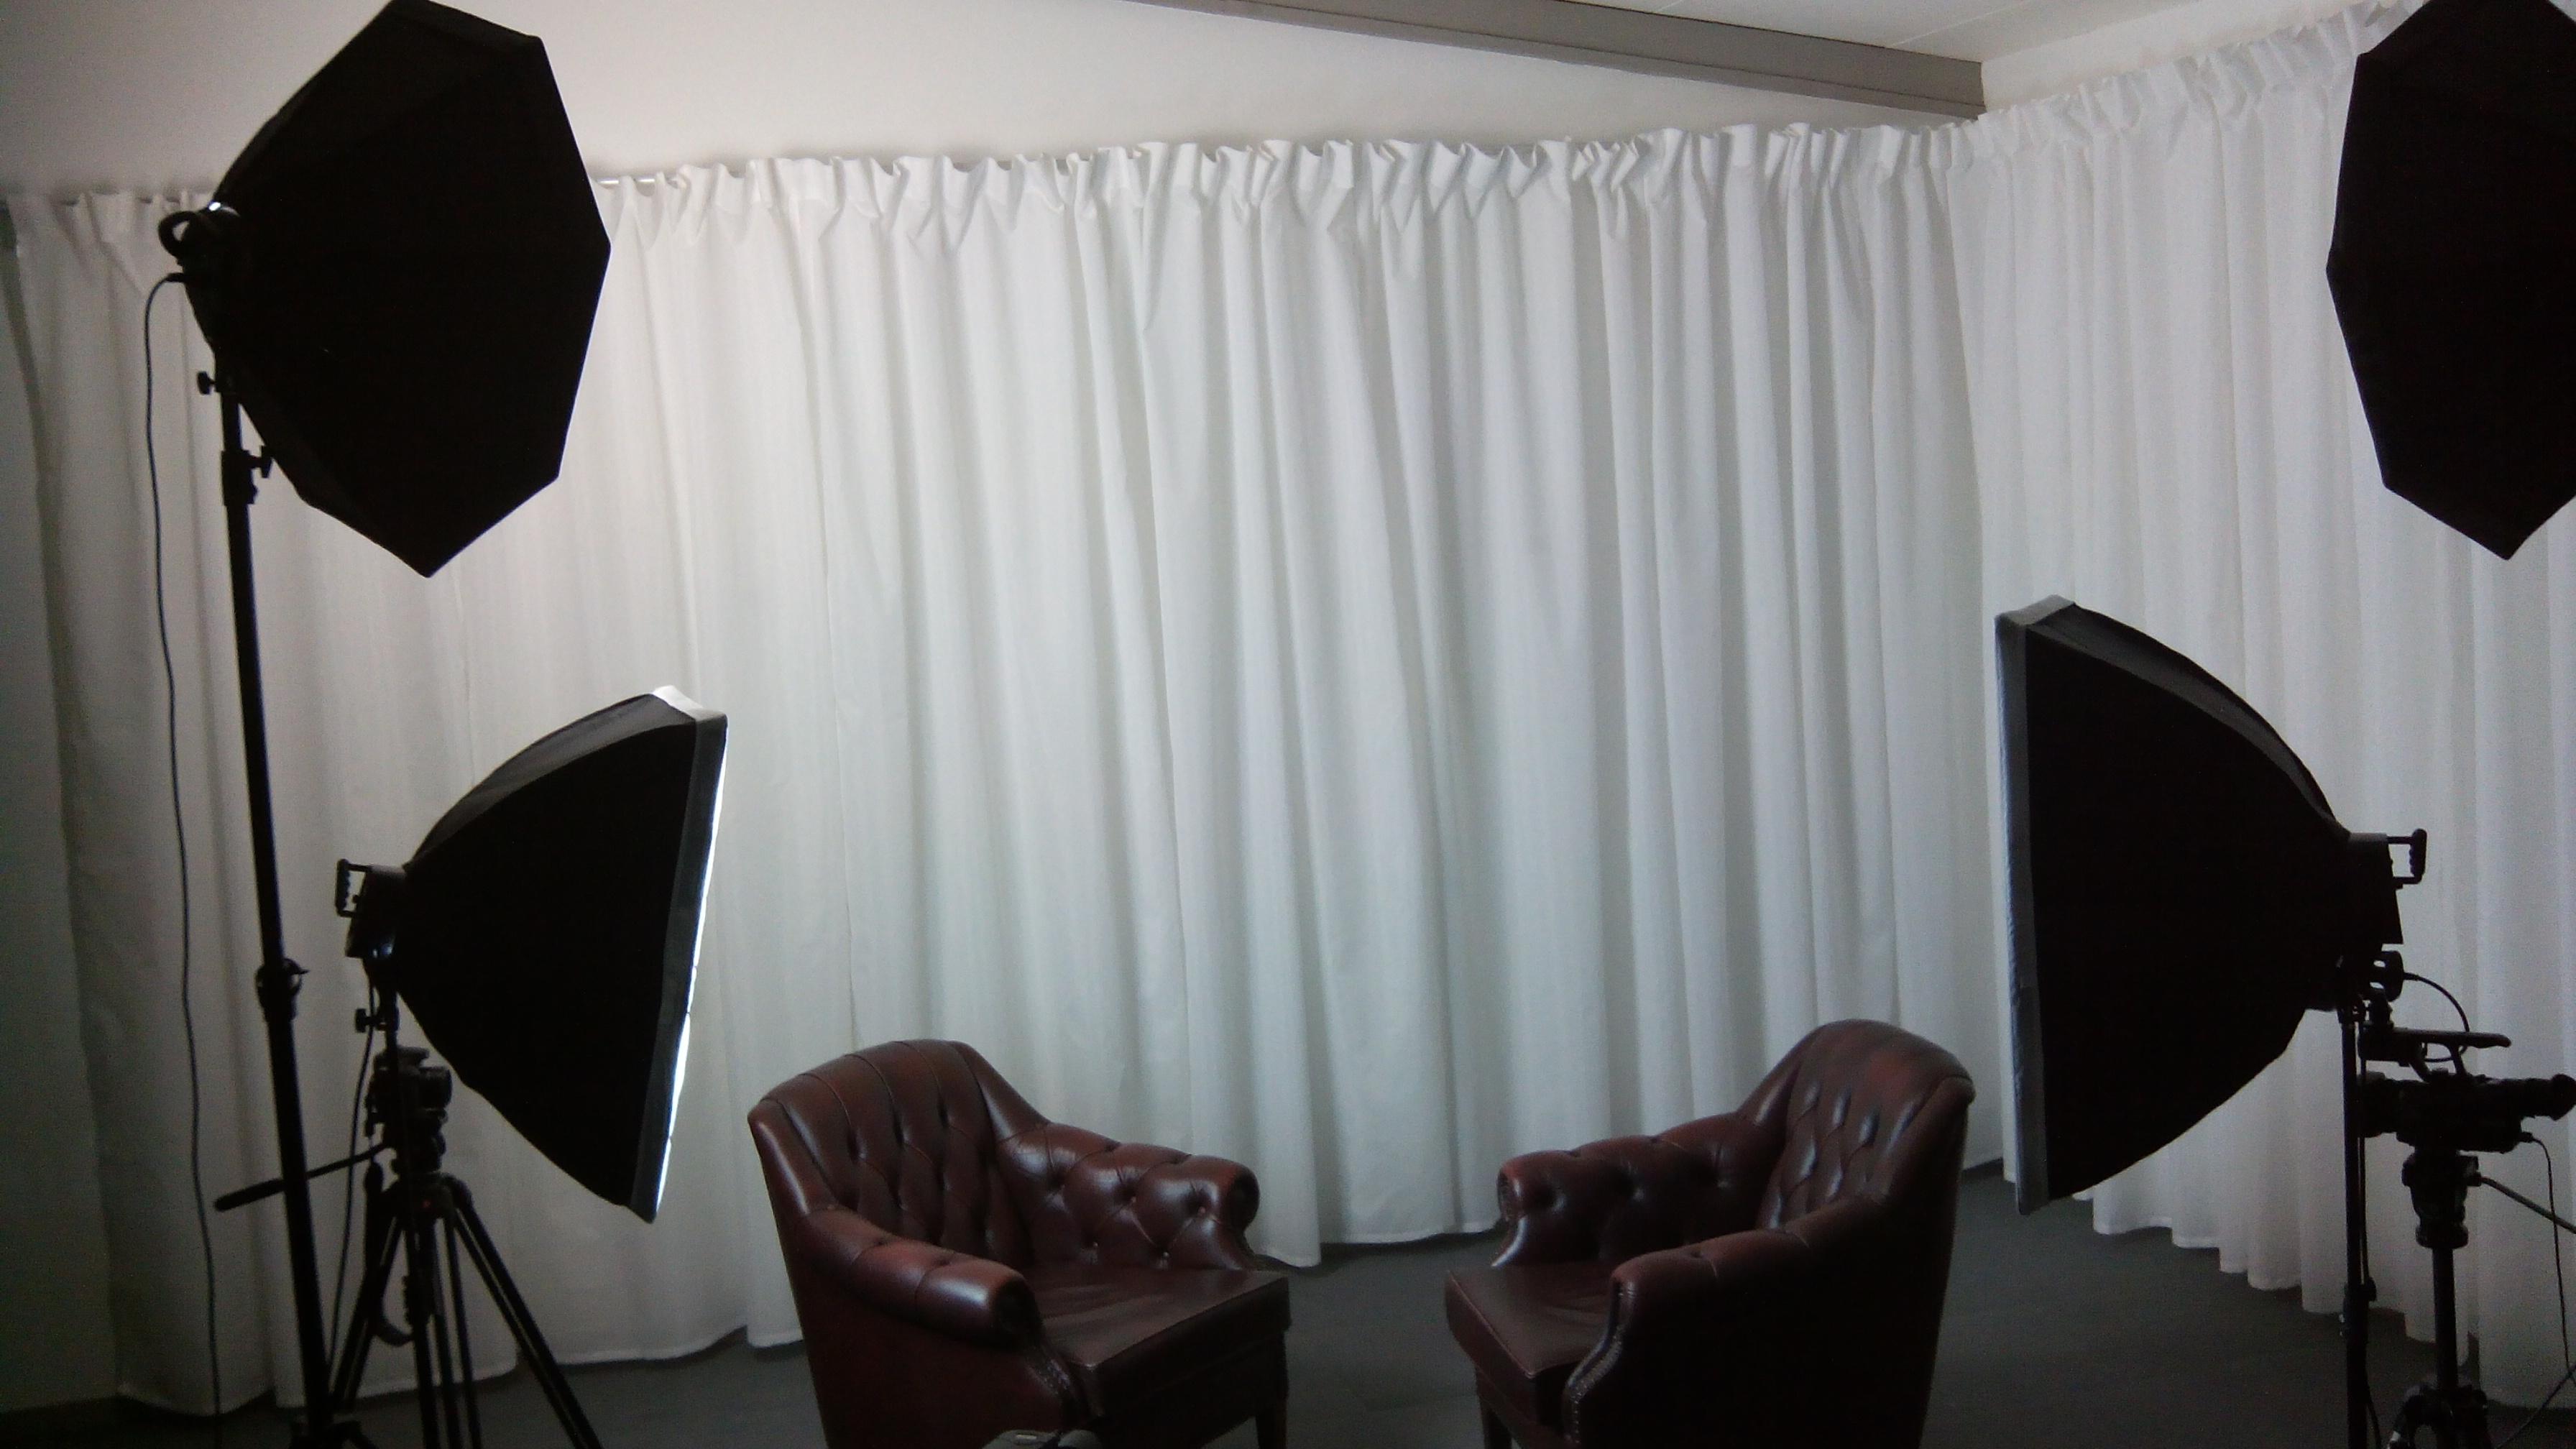 Awesome Gordijnen Strijken Images - Ideeën Voor Thuis - ibarakijets.org